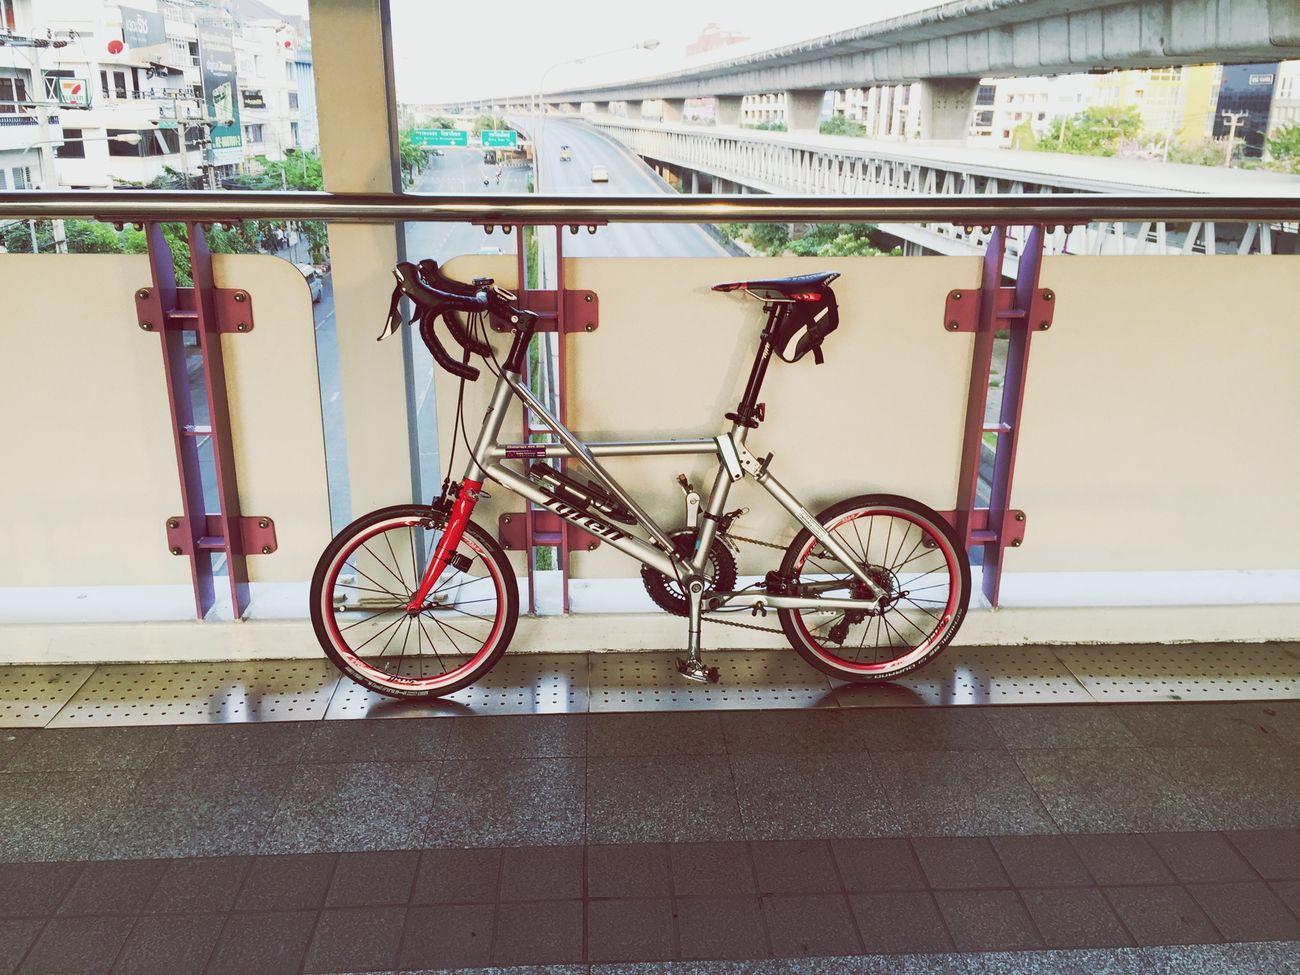 เช้านี้ที่วงเวียนใหญ่ Myactivity  Relaxing Enjoying Life Cycling TyrellFX Tyrellthailand Bicycle